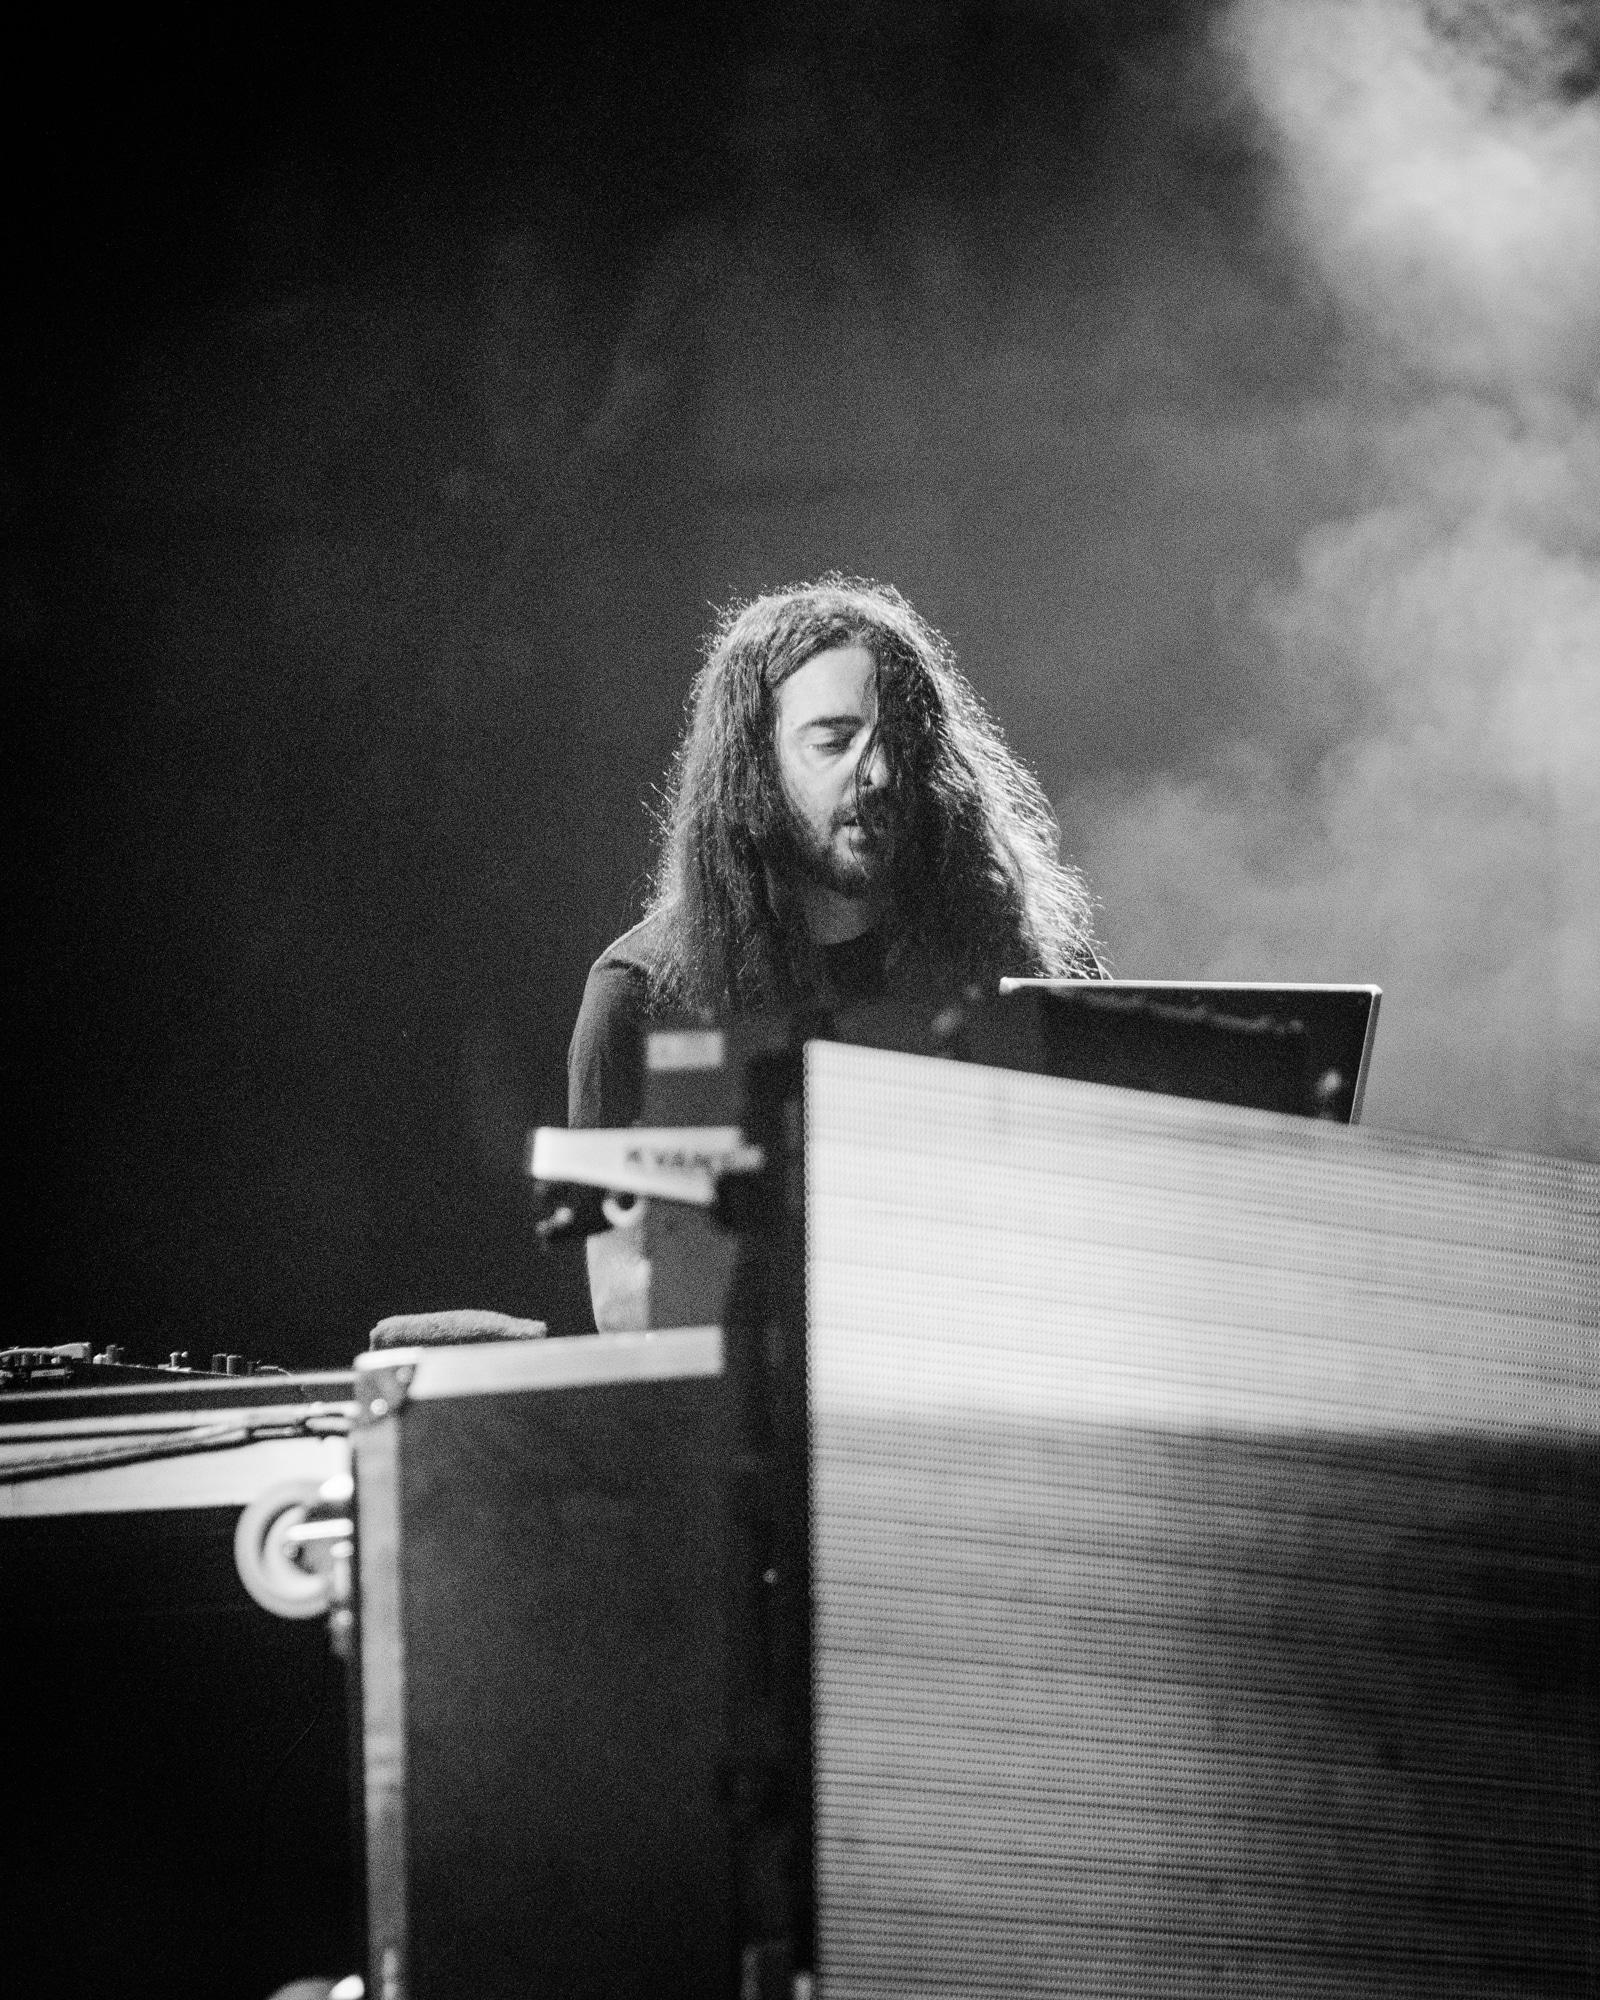 Bassnectar - Photo by Chris Taylor